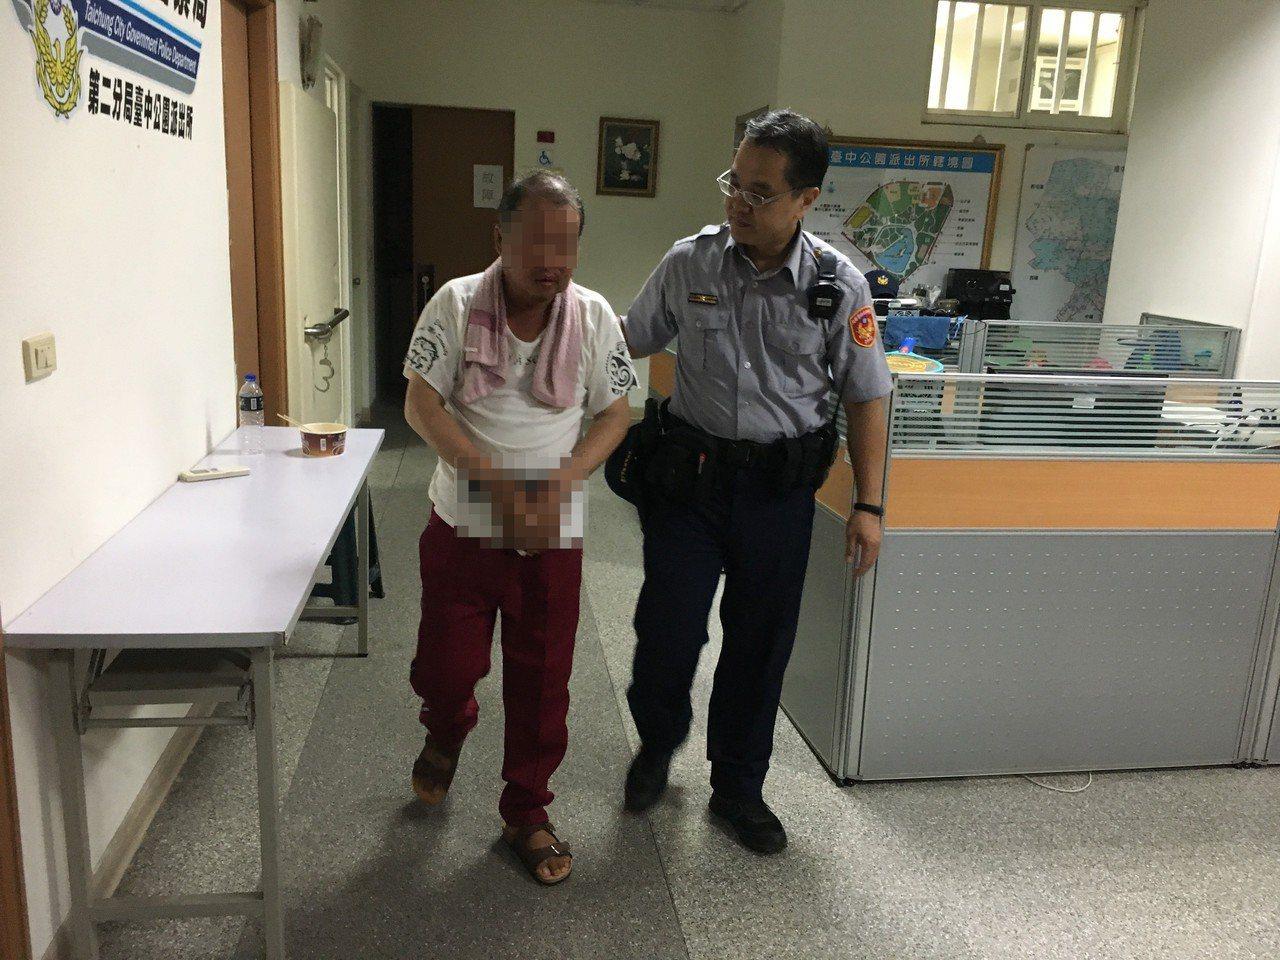 林男(左)去年5月遭通緝被女警余珮毓逮捕,今年甫遭通緝也被同一警員逮捕,林男反而...